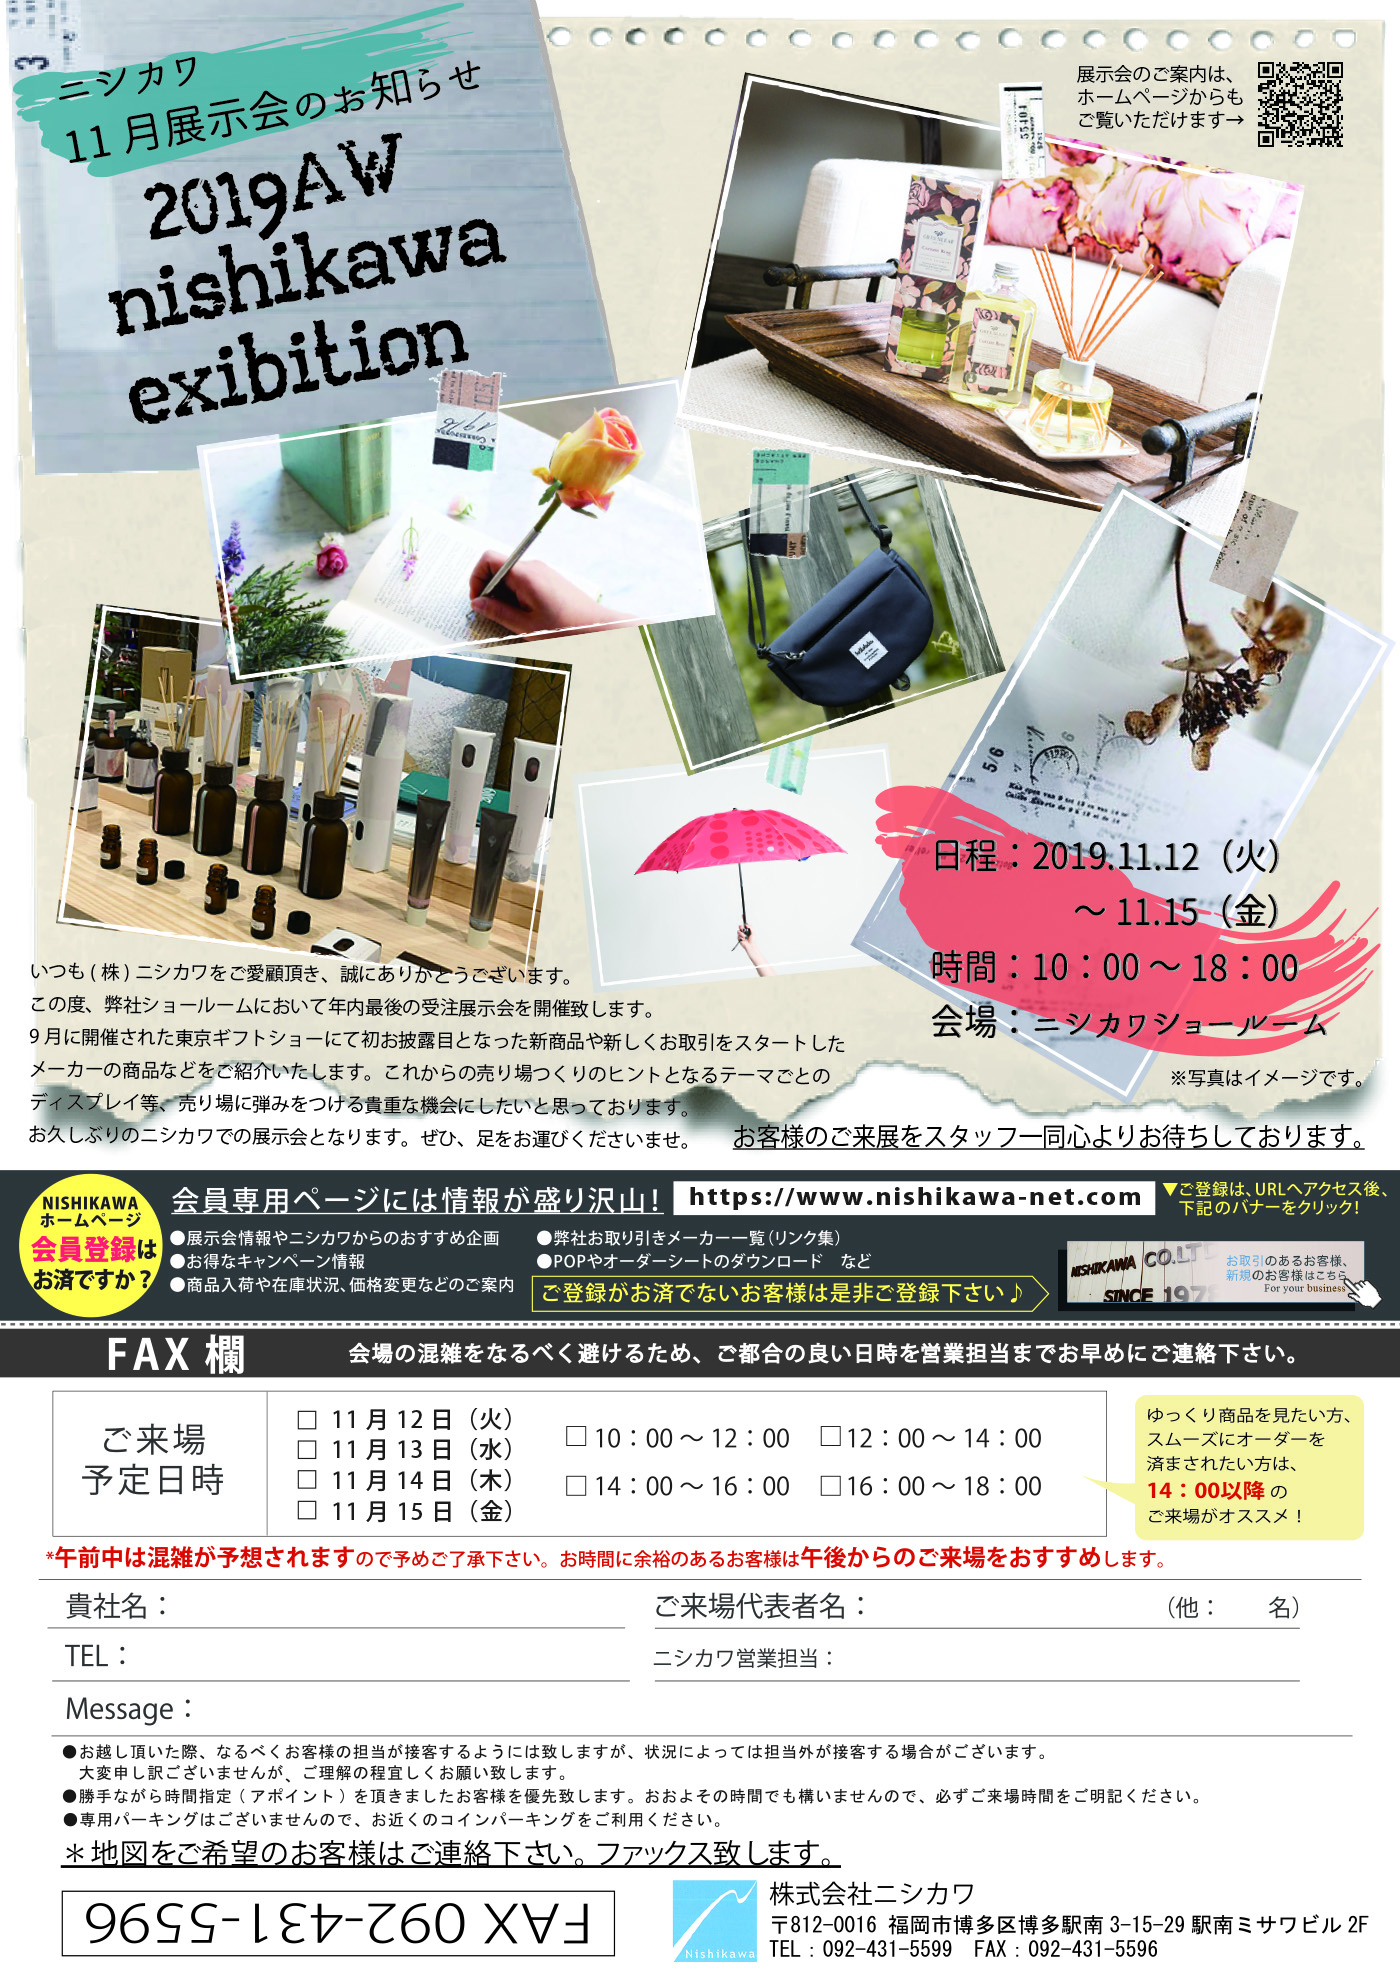 201911 ニシカワ展示会案内状